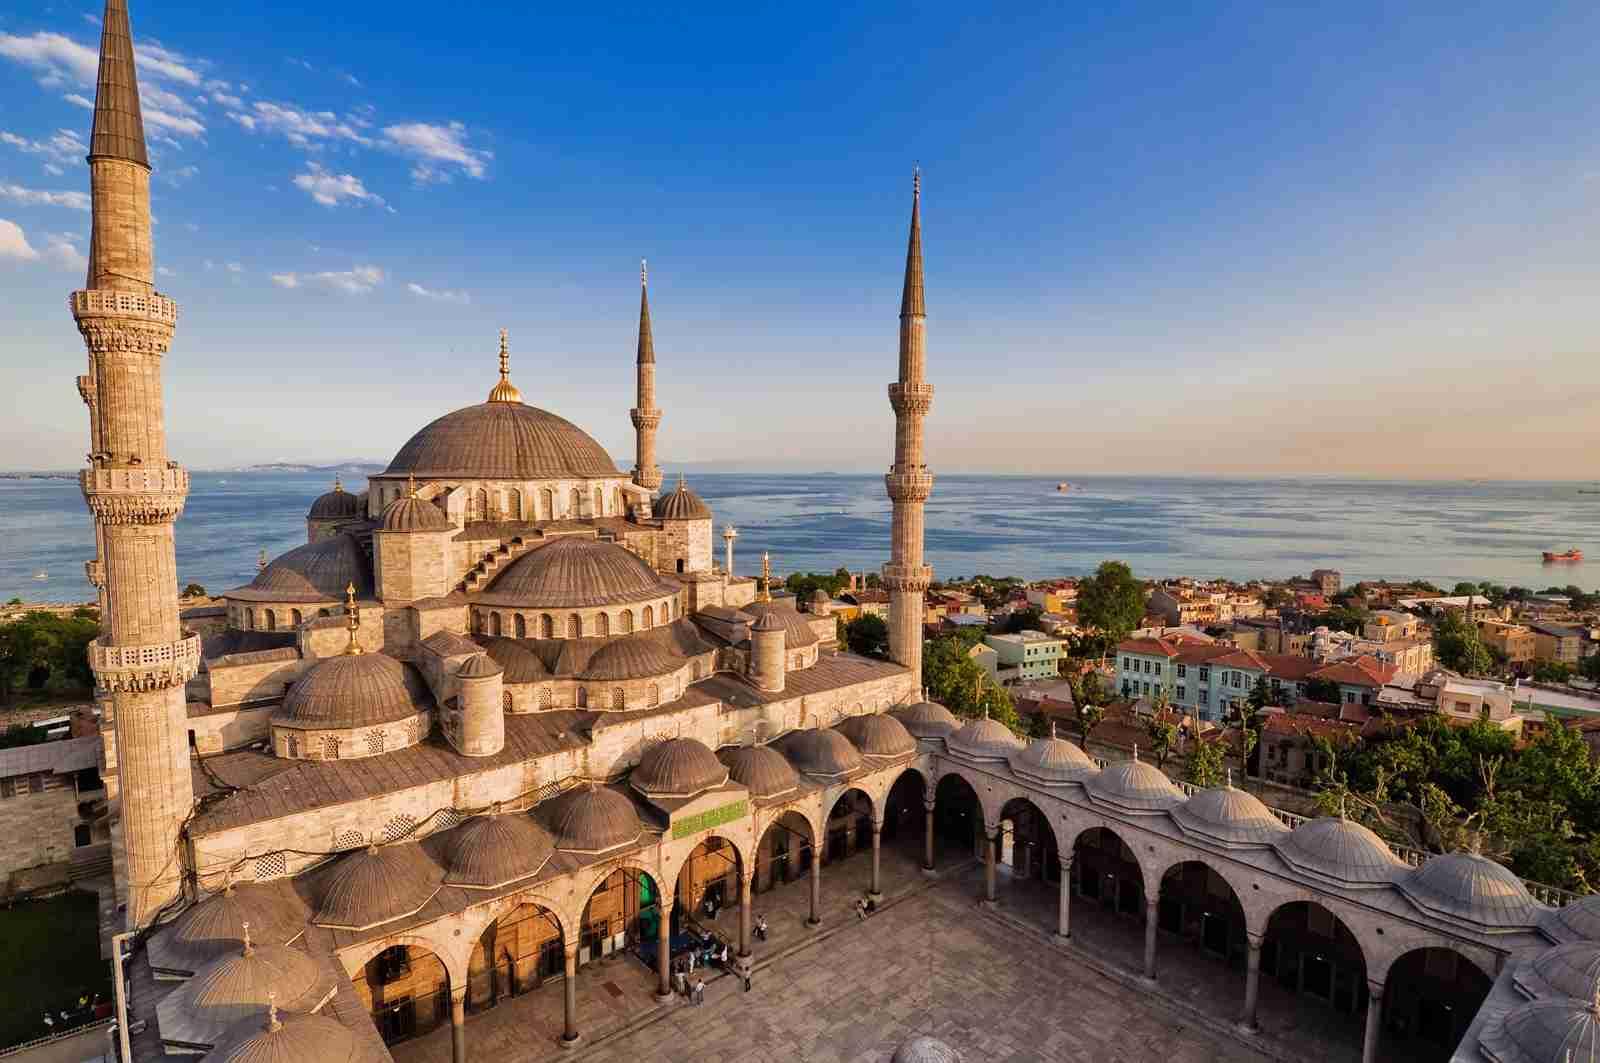 Istambul, Turquia. (Foto de DOZIER Marc / Getty Images)